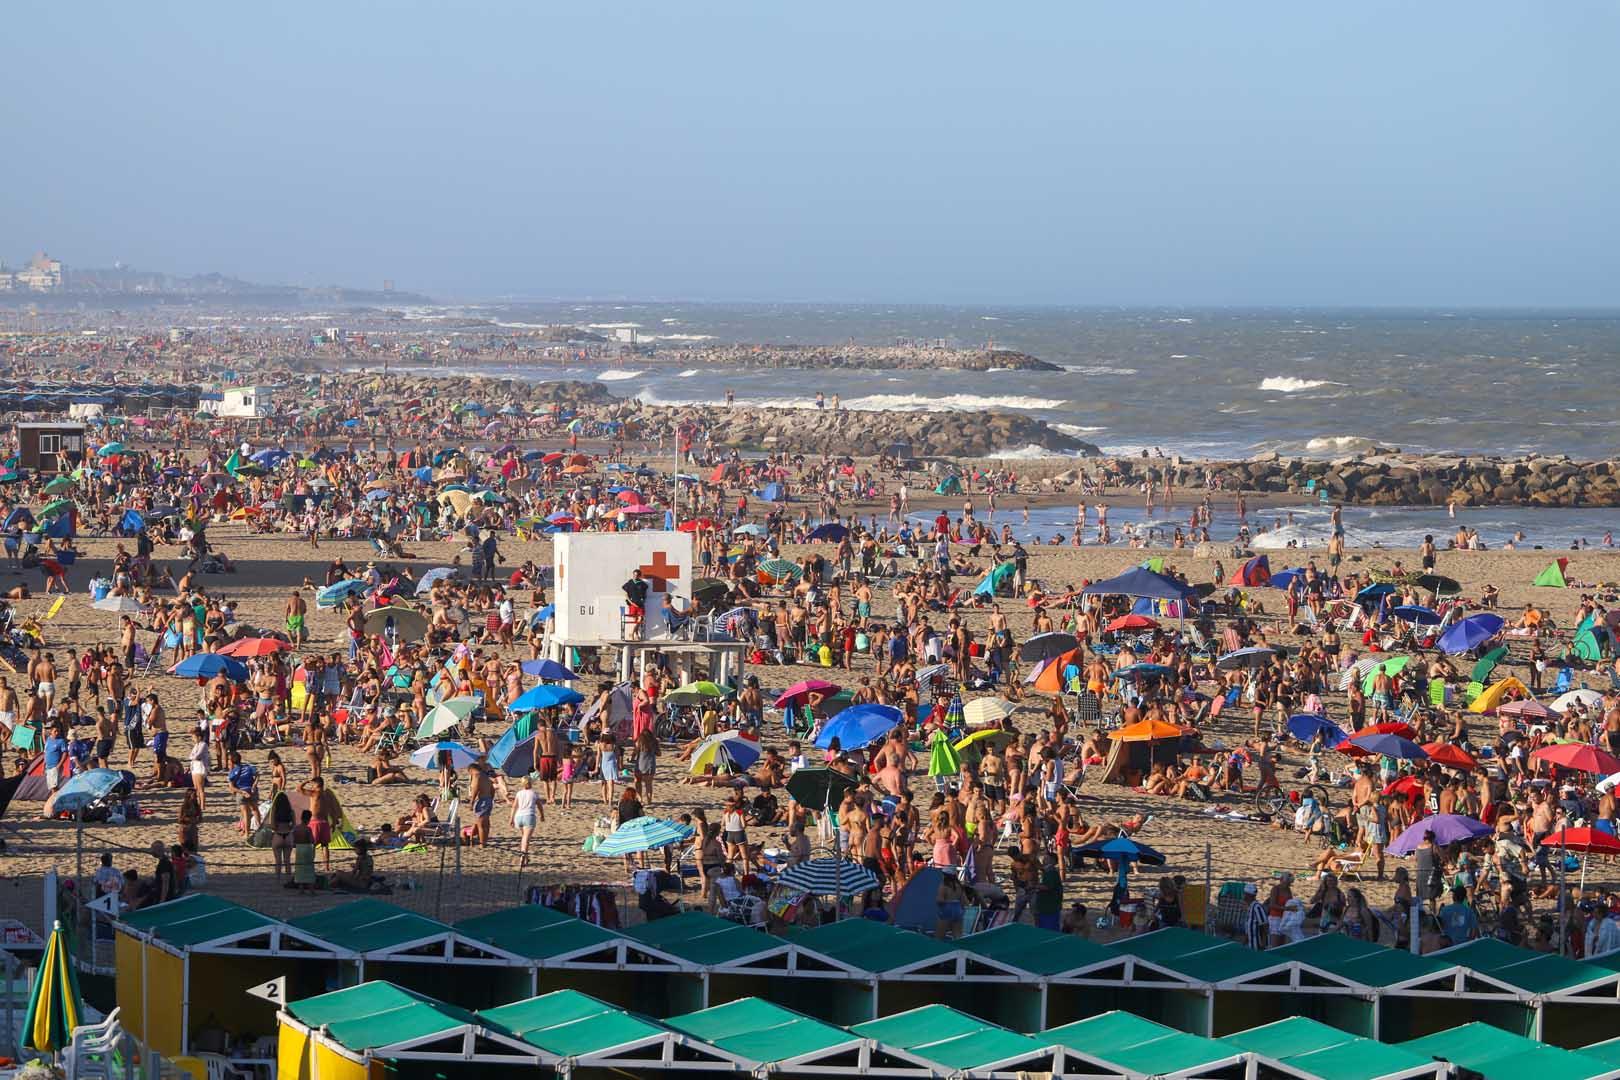 Las playas del Sur registraron una masiva convocatoria hasta pasadas las 19, tanto el sábado como el domingo